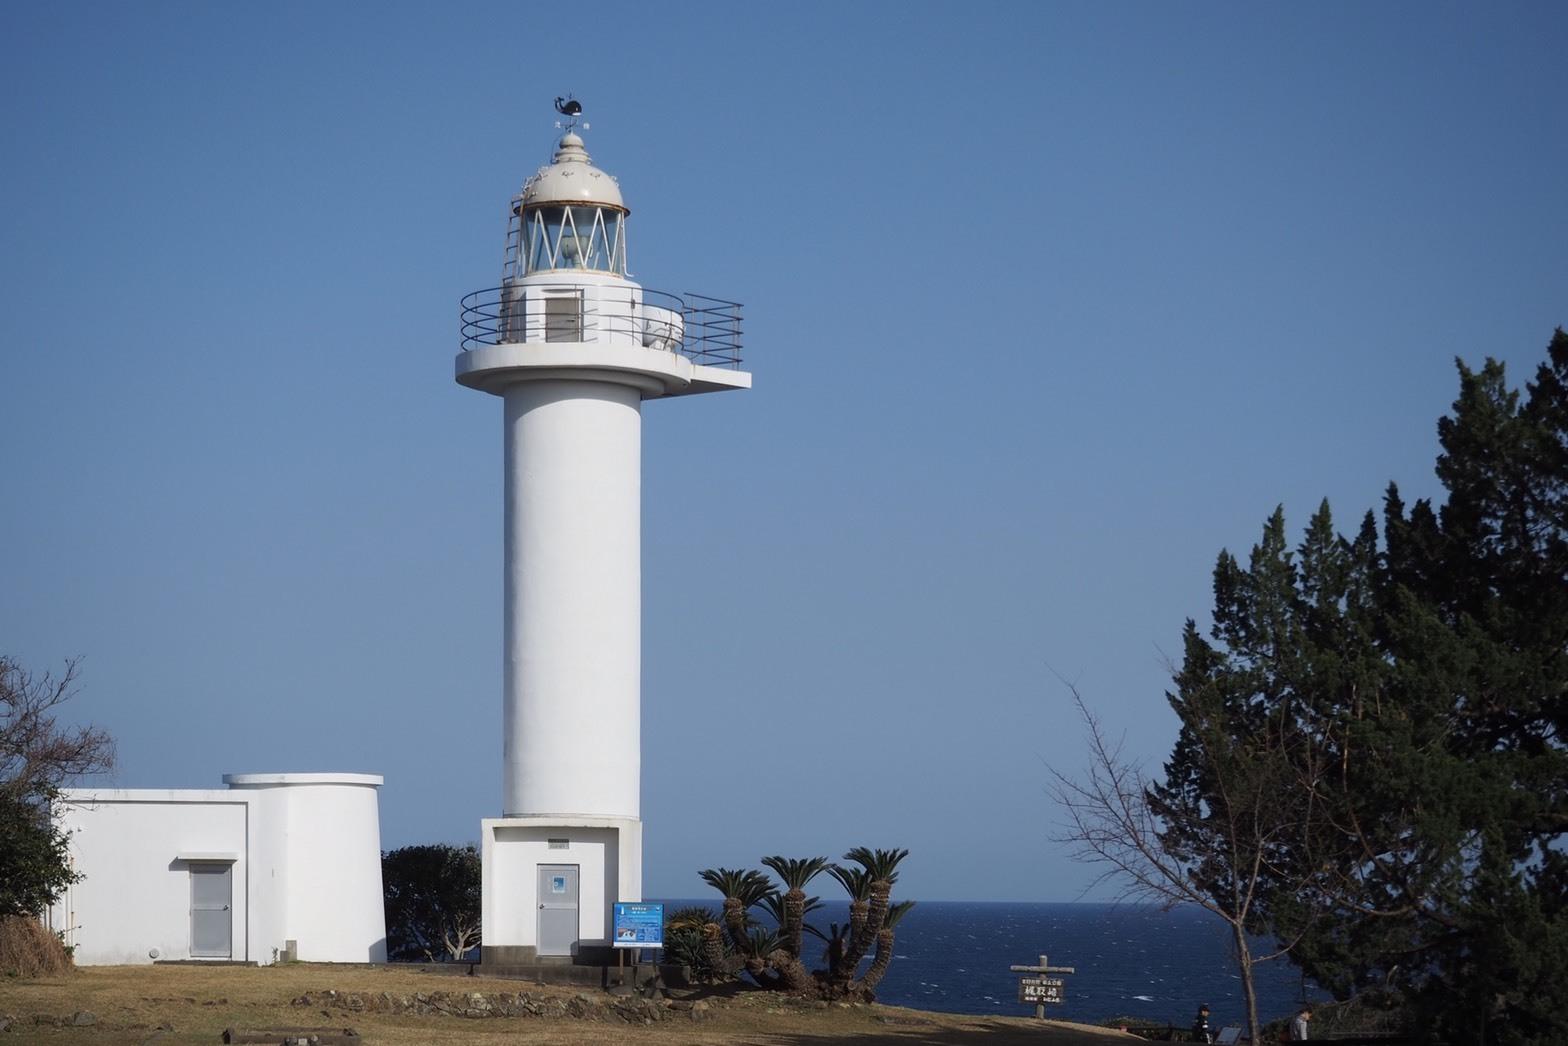 harleydavidson-motorcycle-touring-wakayama-kantorizaki-lighthouse-2.jpg